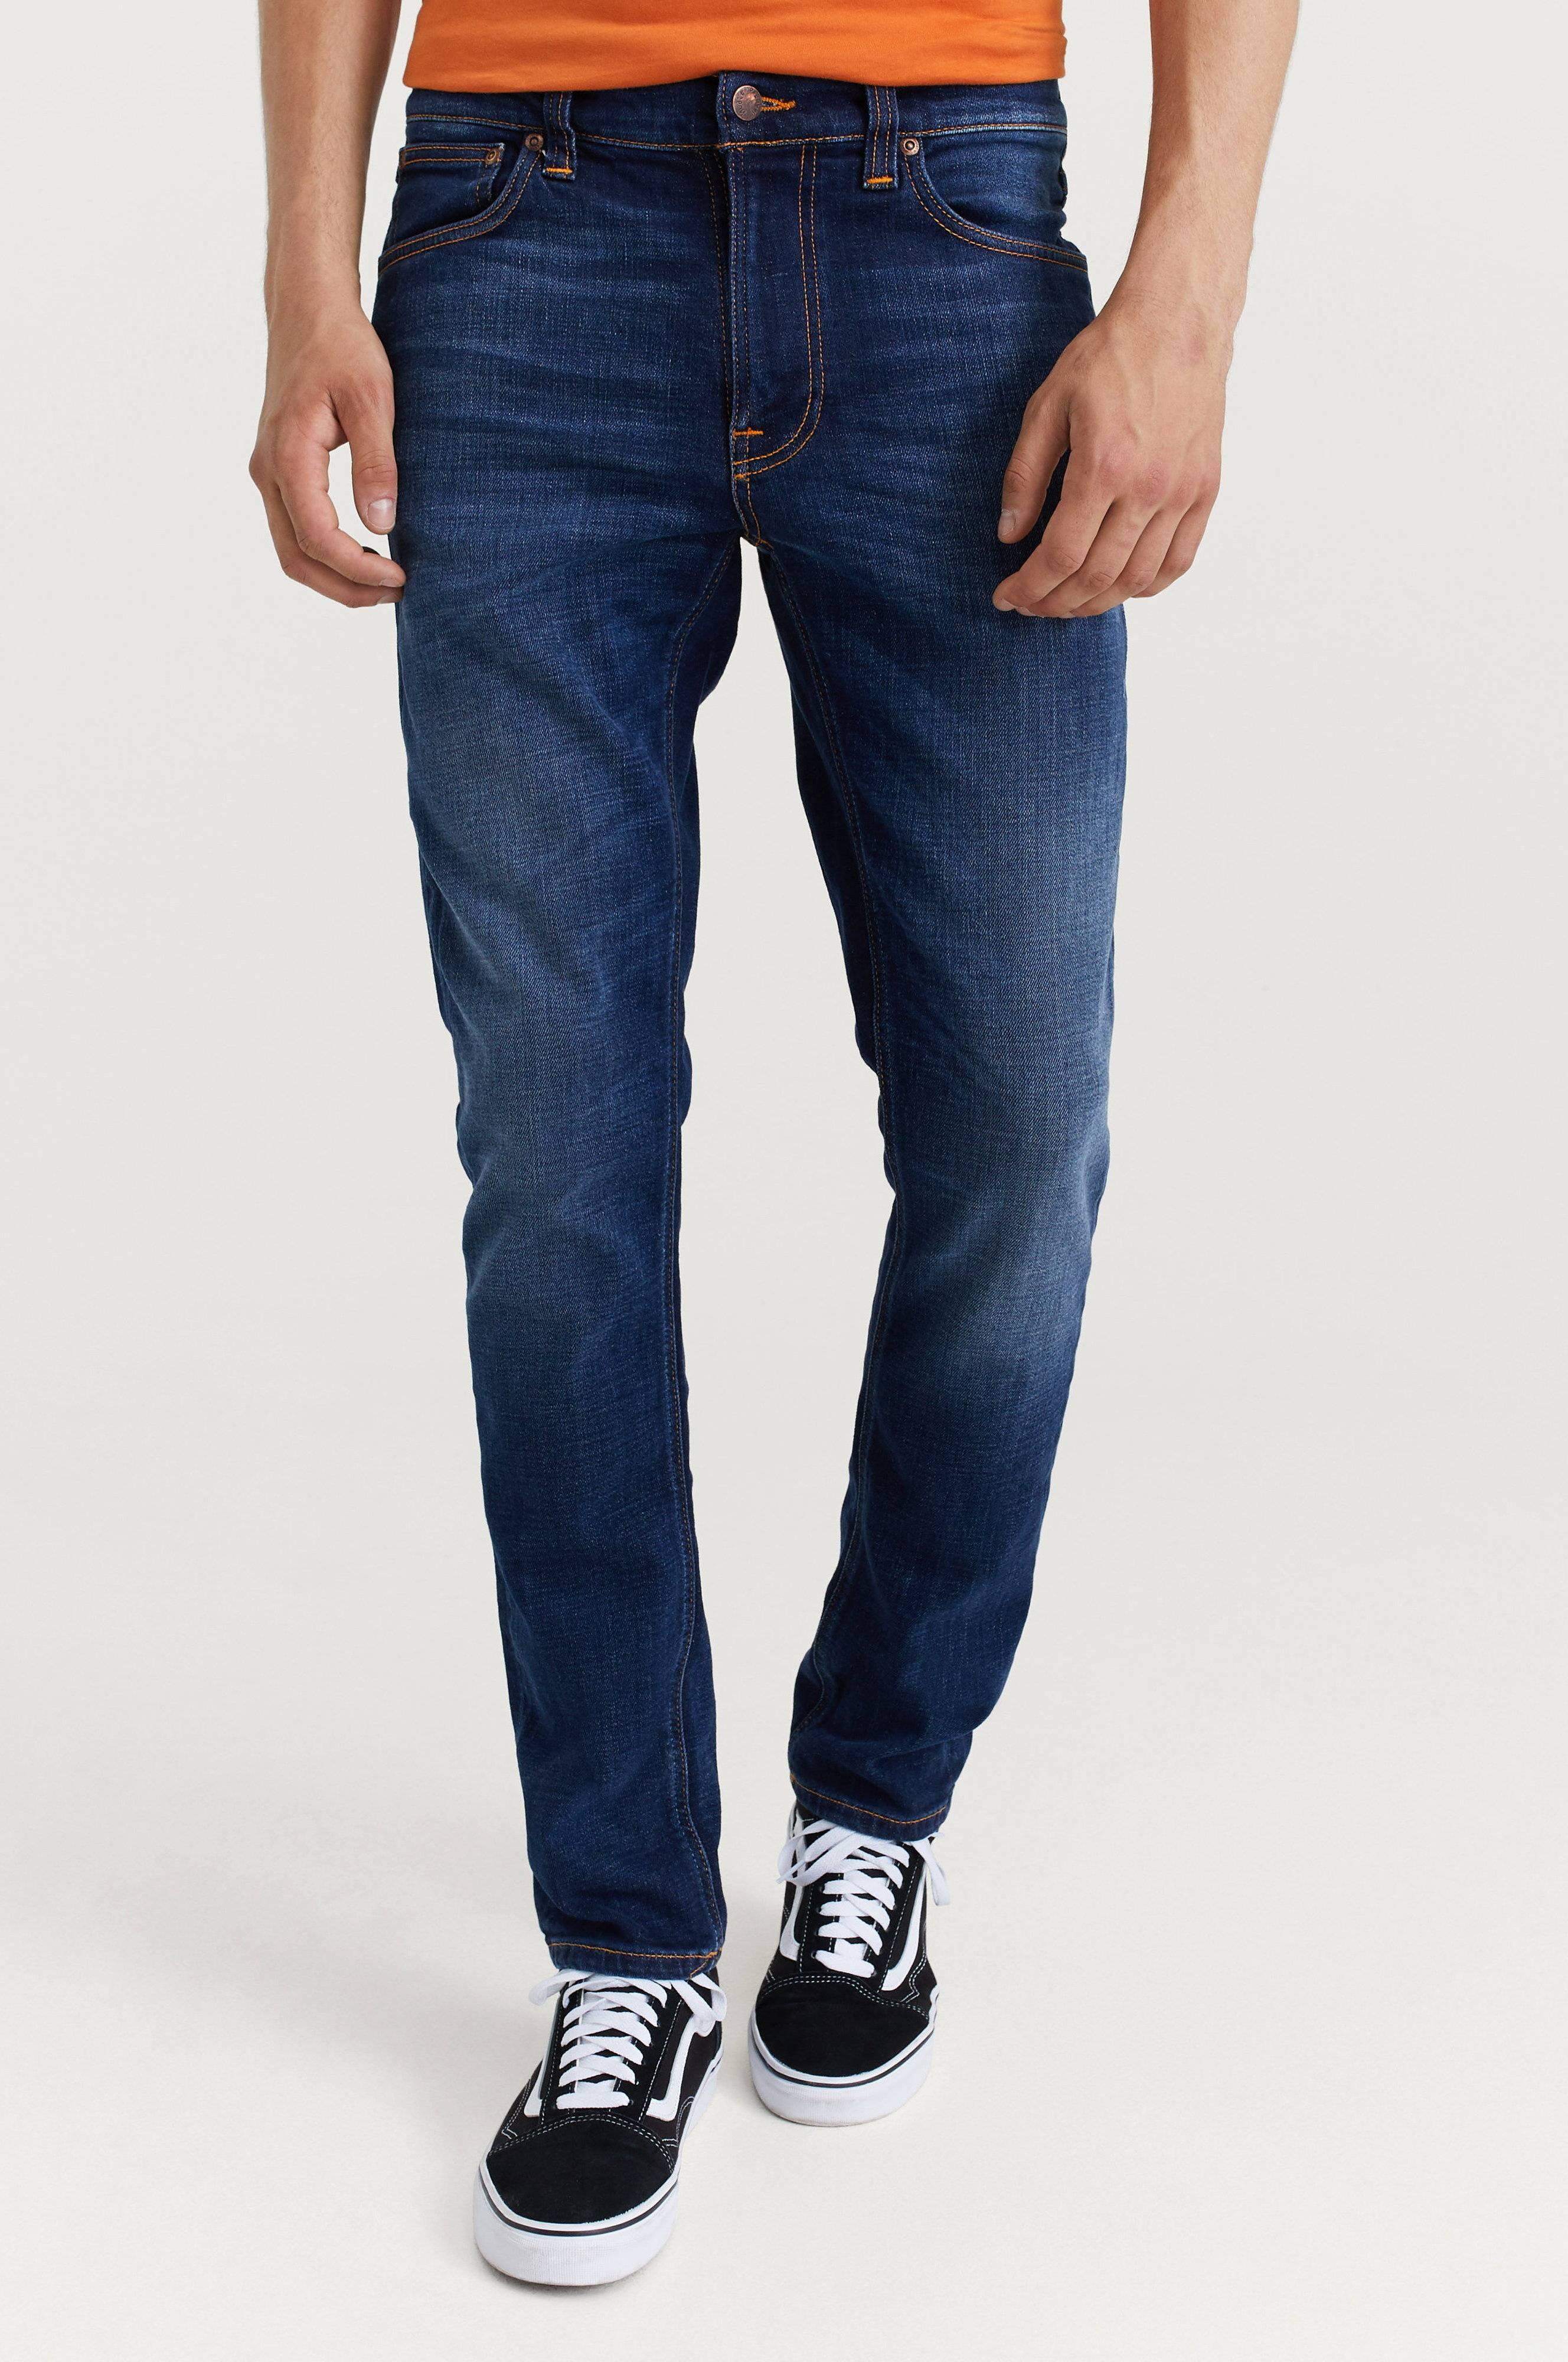 Nudie Jeans Lean Dean Dark Deep Worn Jeans Blue